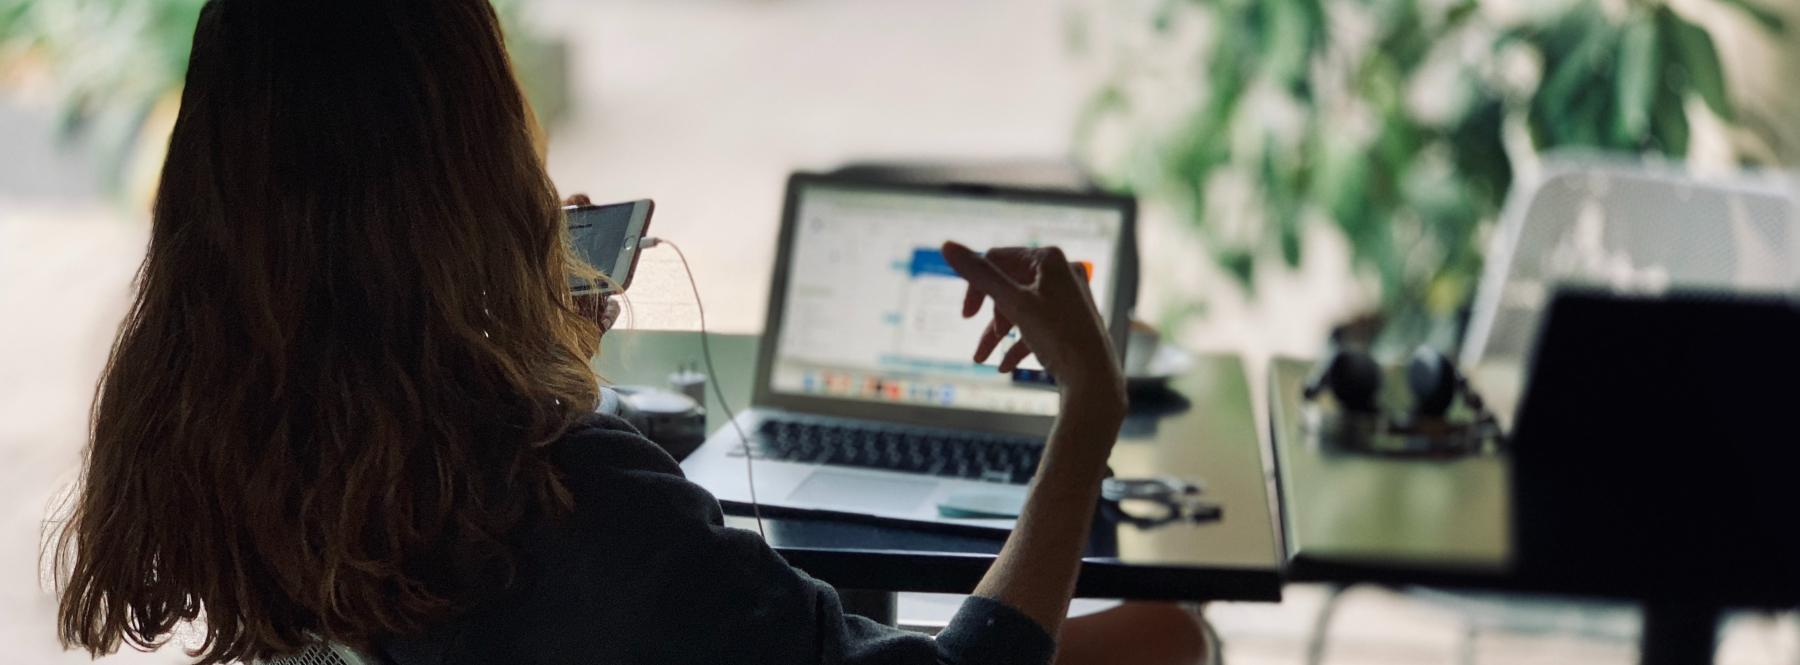 ¿Cómo ser mejores habitantes en entornos digitales?